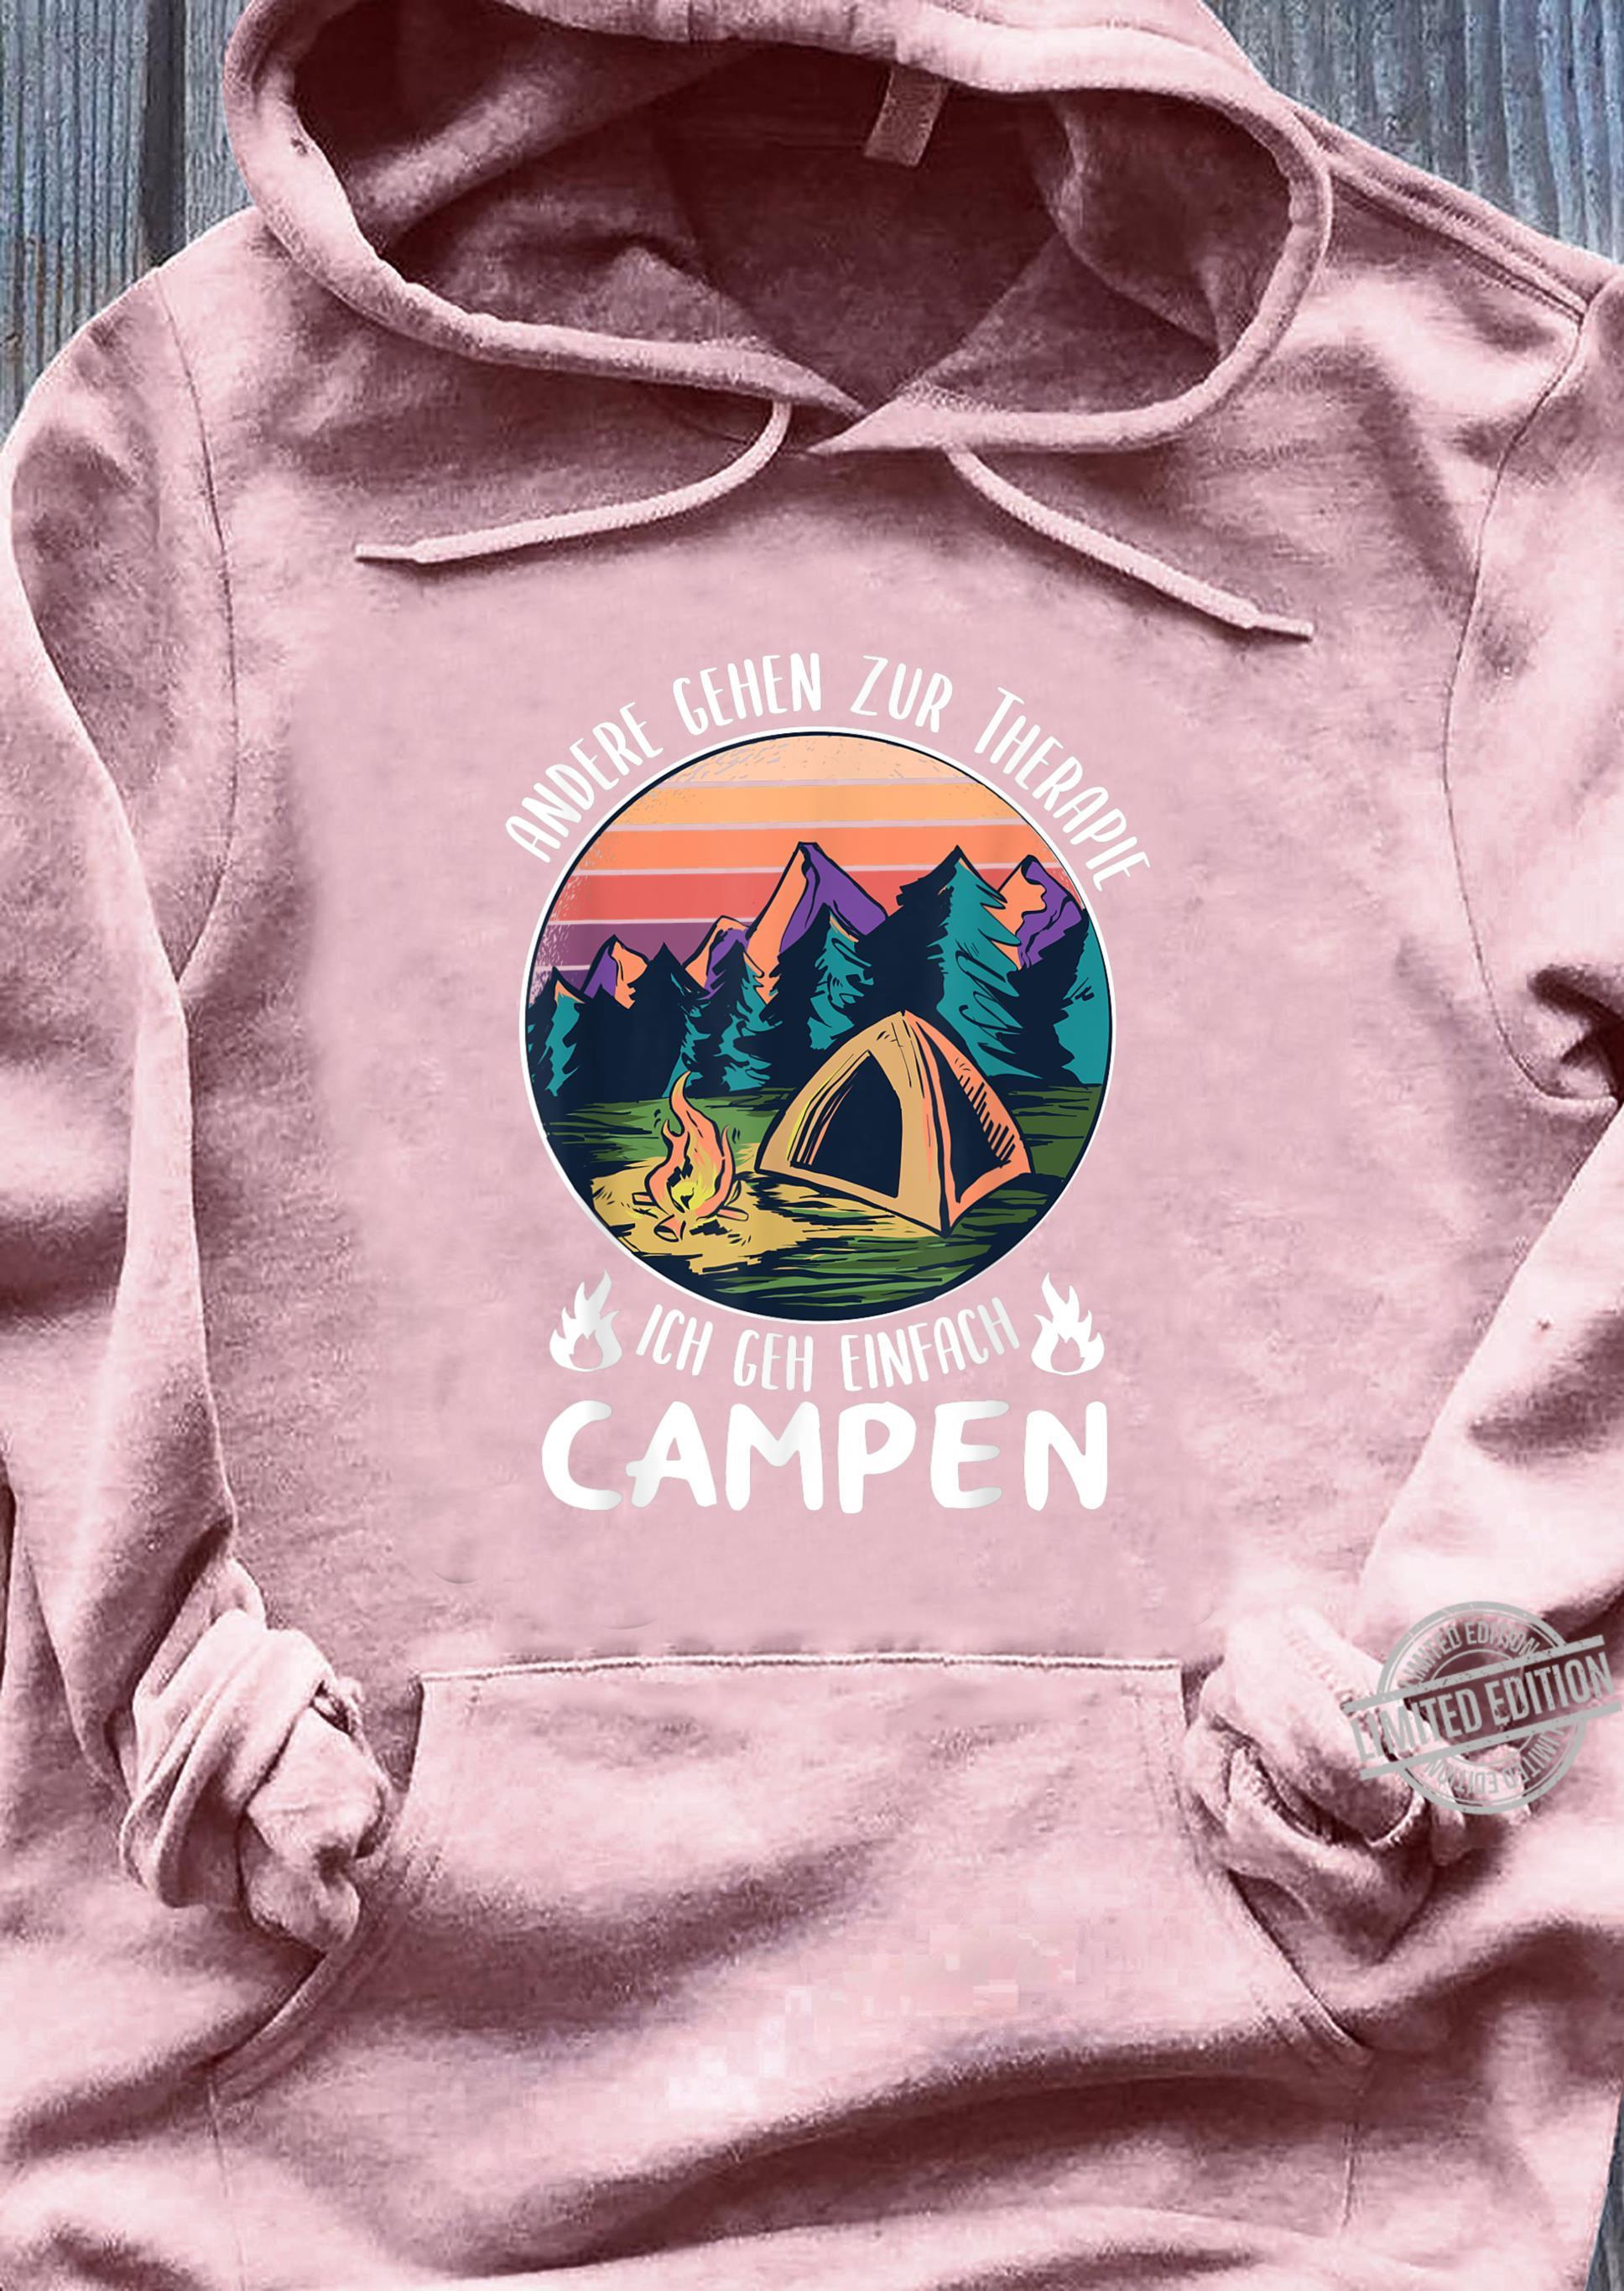 Camping Motiv Camper Spruch Wohnmobil Herren Geschenkidee Shirt